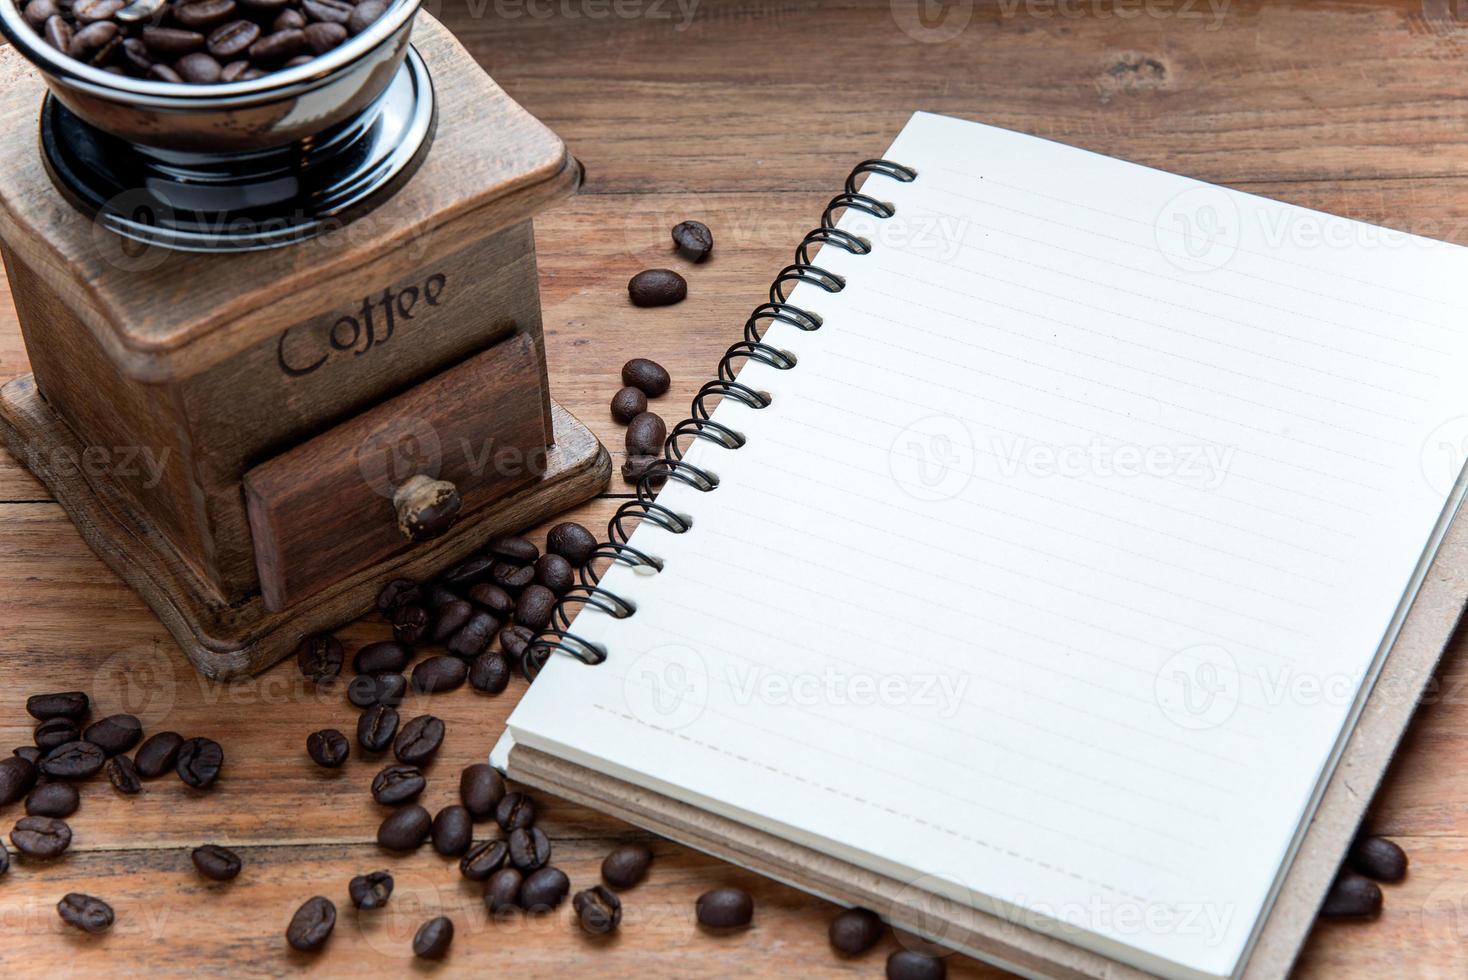 laptop met koffieboon en koffiemolen op houten tafel. foto